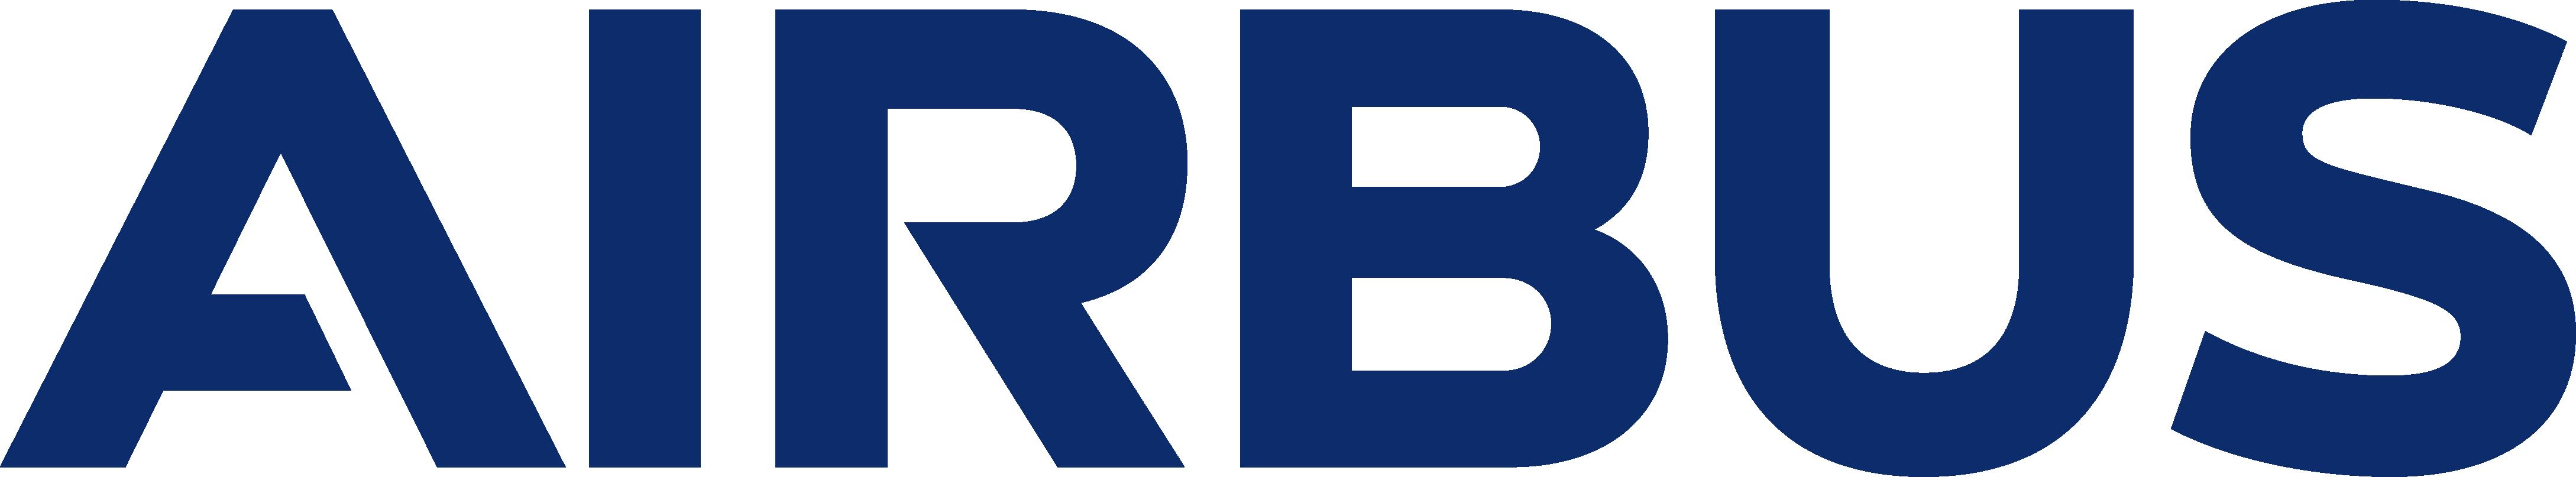 Airbus blue Logo